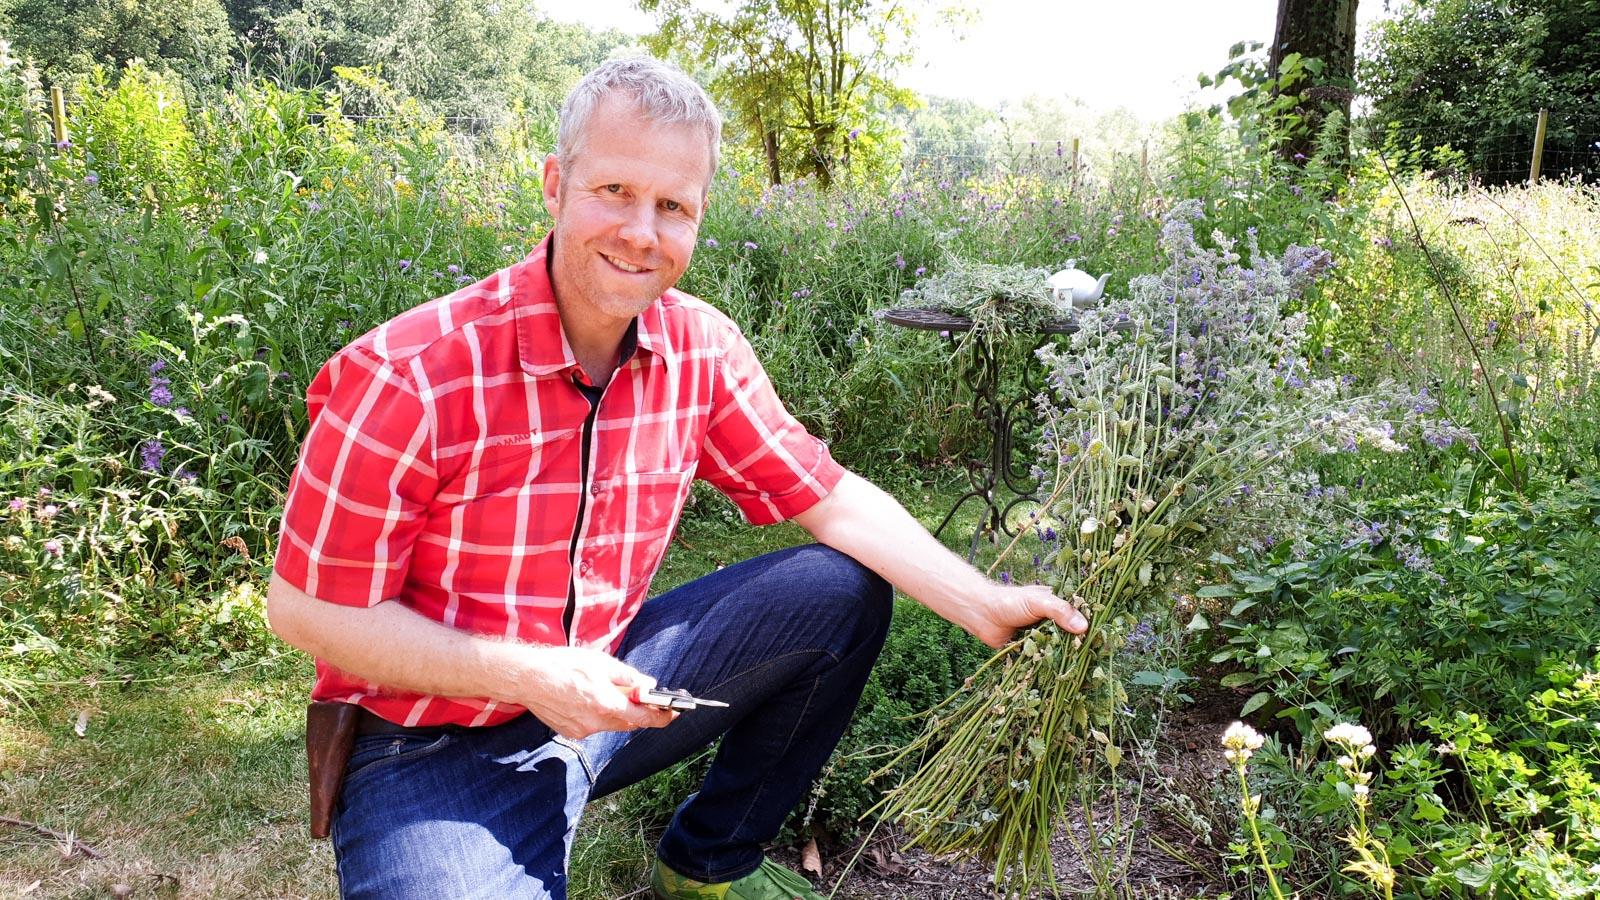 Gartenberater Philippe Dahlmann hockt mit einer Gartenschere vor einer soeben geschnittenen Katzenminze